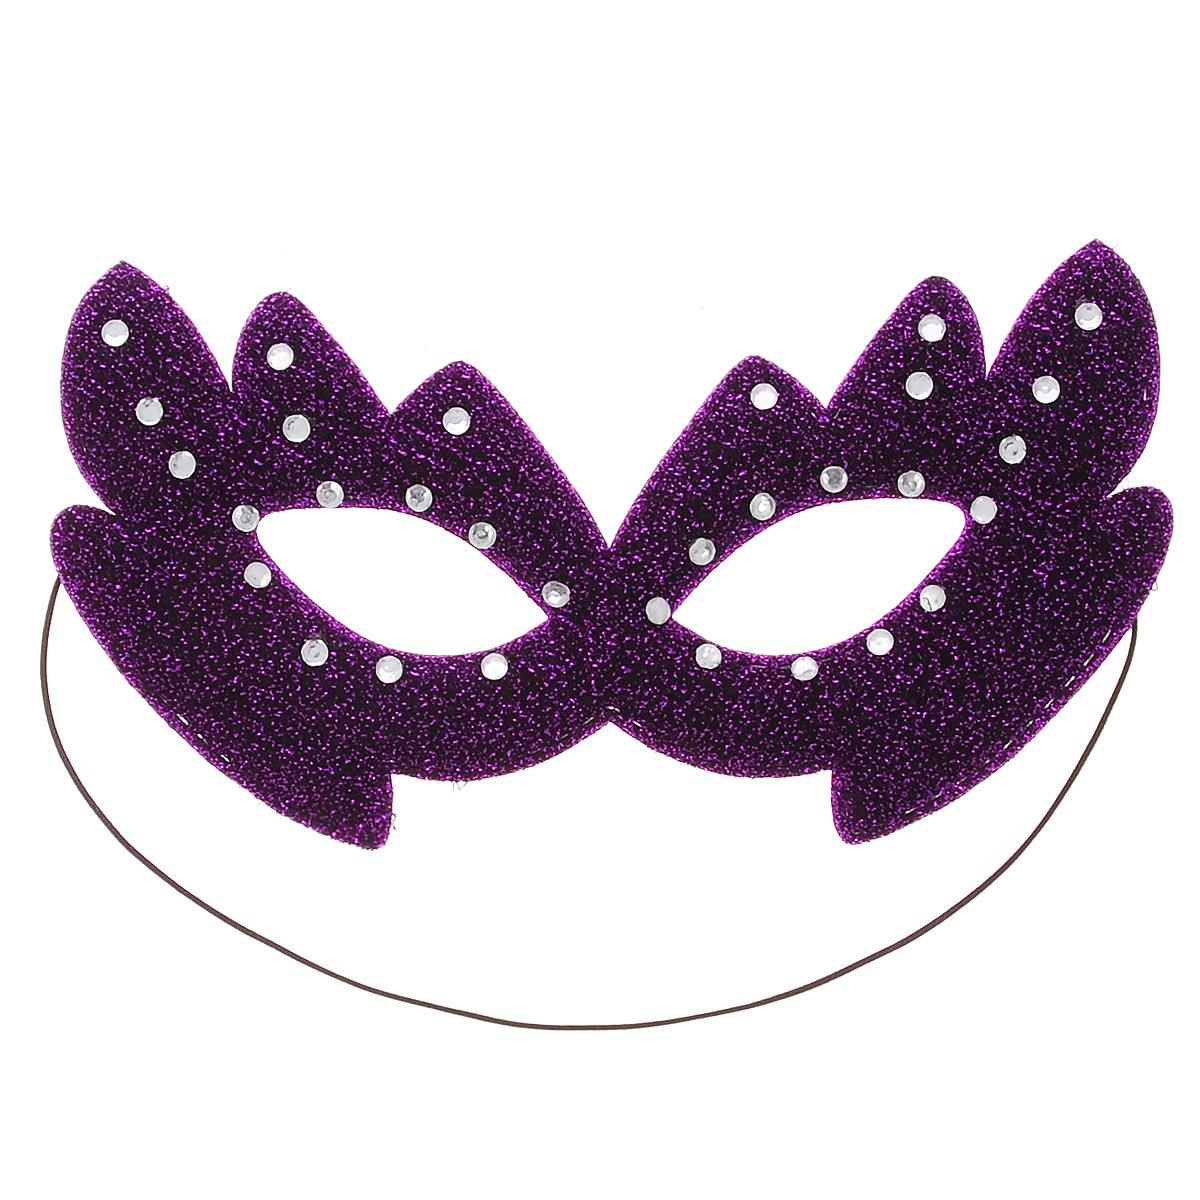 """Карнавальная маска """"Шампания"""" из мягкого материала, украшенная блестками и стразами, внесет нотку задора и веселья в праздник. Маска станет завершающим штрихом в создании праздничного образа. Карнавальная маска держится при помощи резинки. В этой роскошной маске вы будете неотразимы!"""